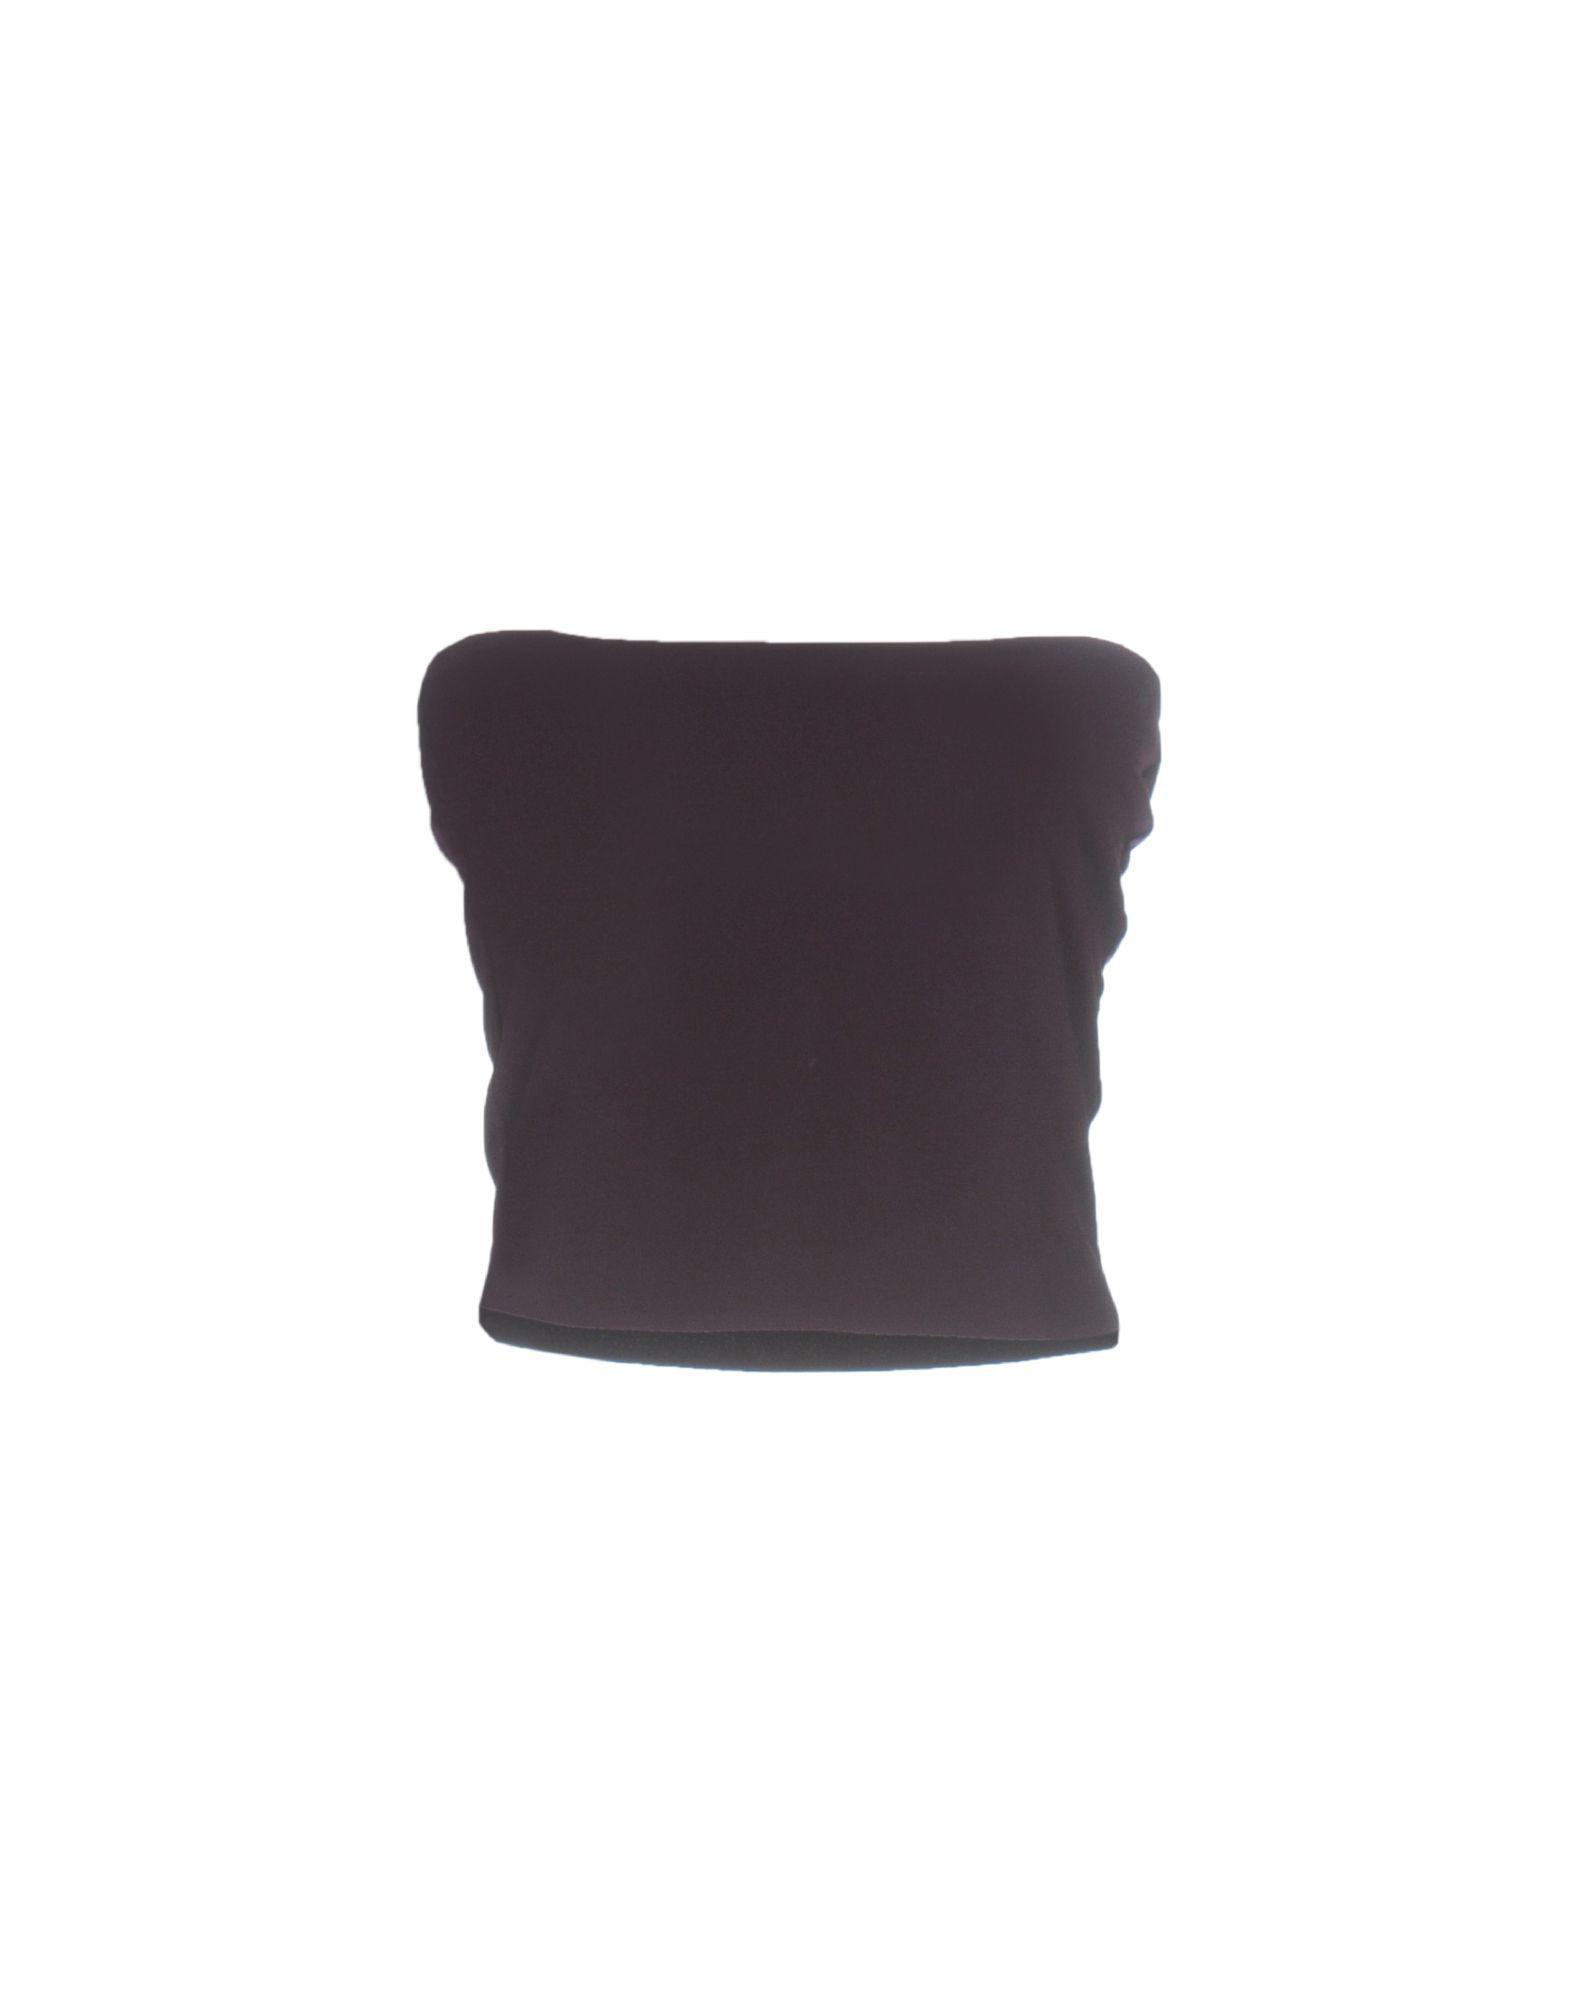 d6930dc8c32 Von Vonni Tube Top in Purple - Lyst